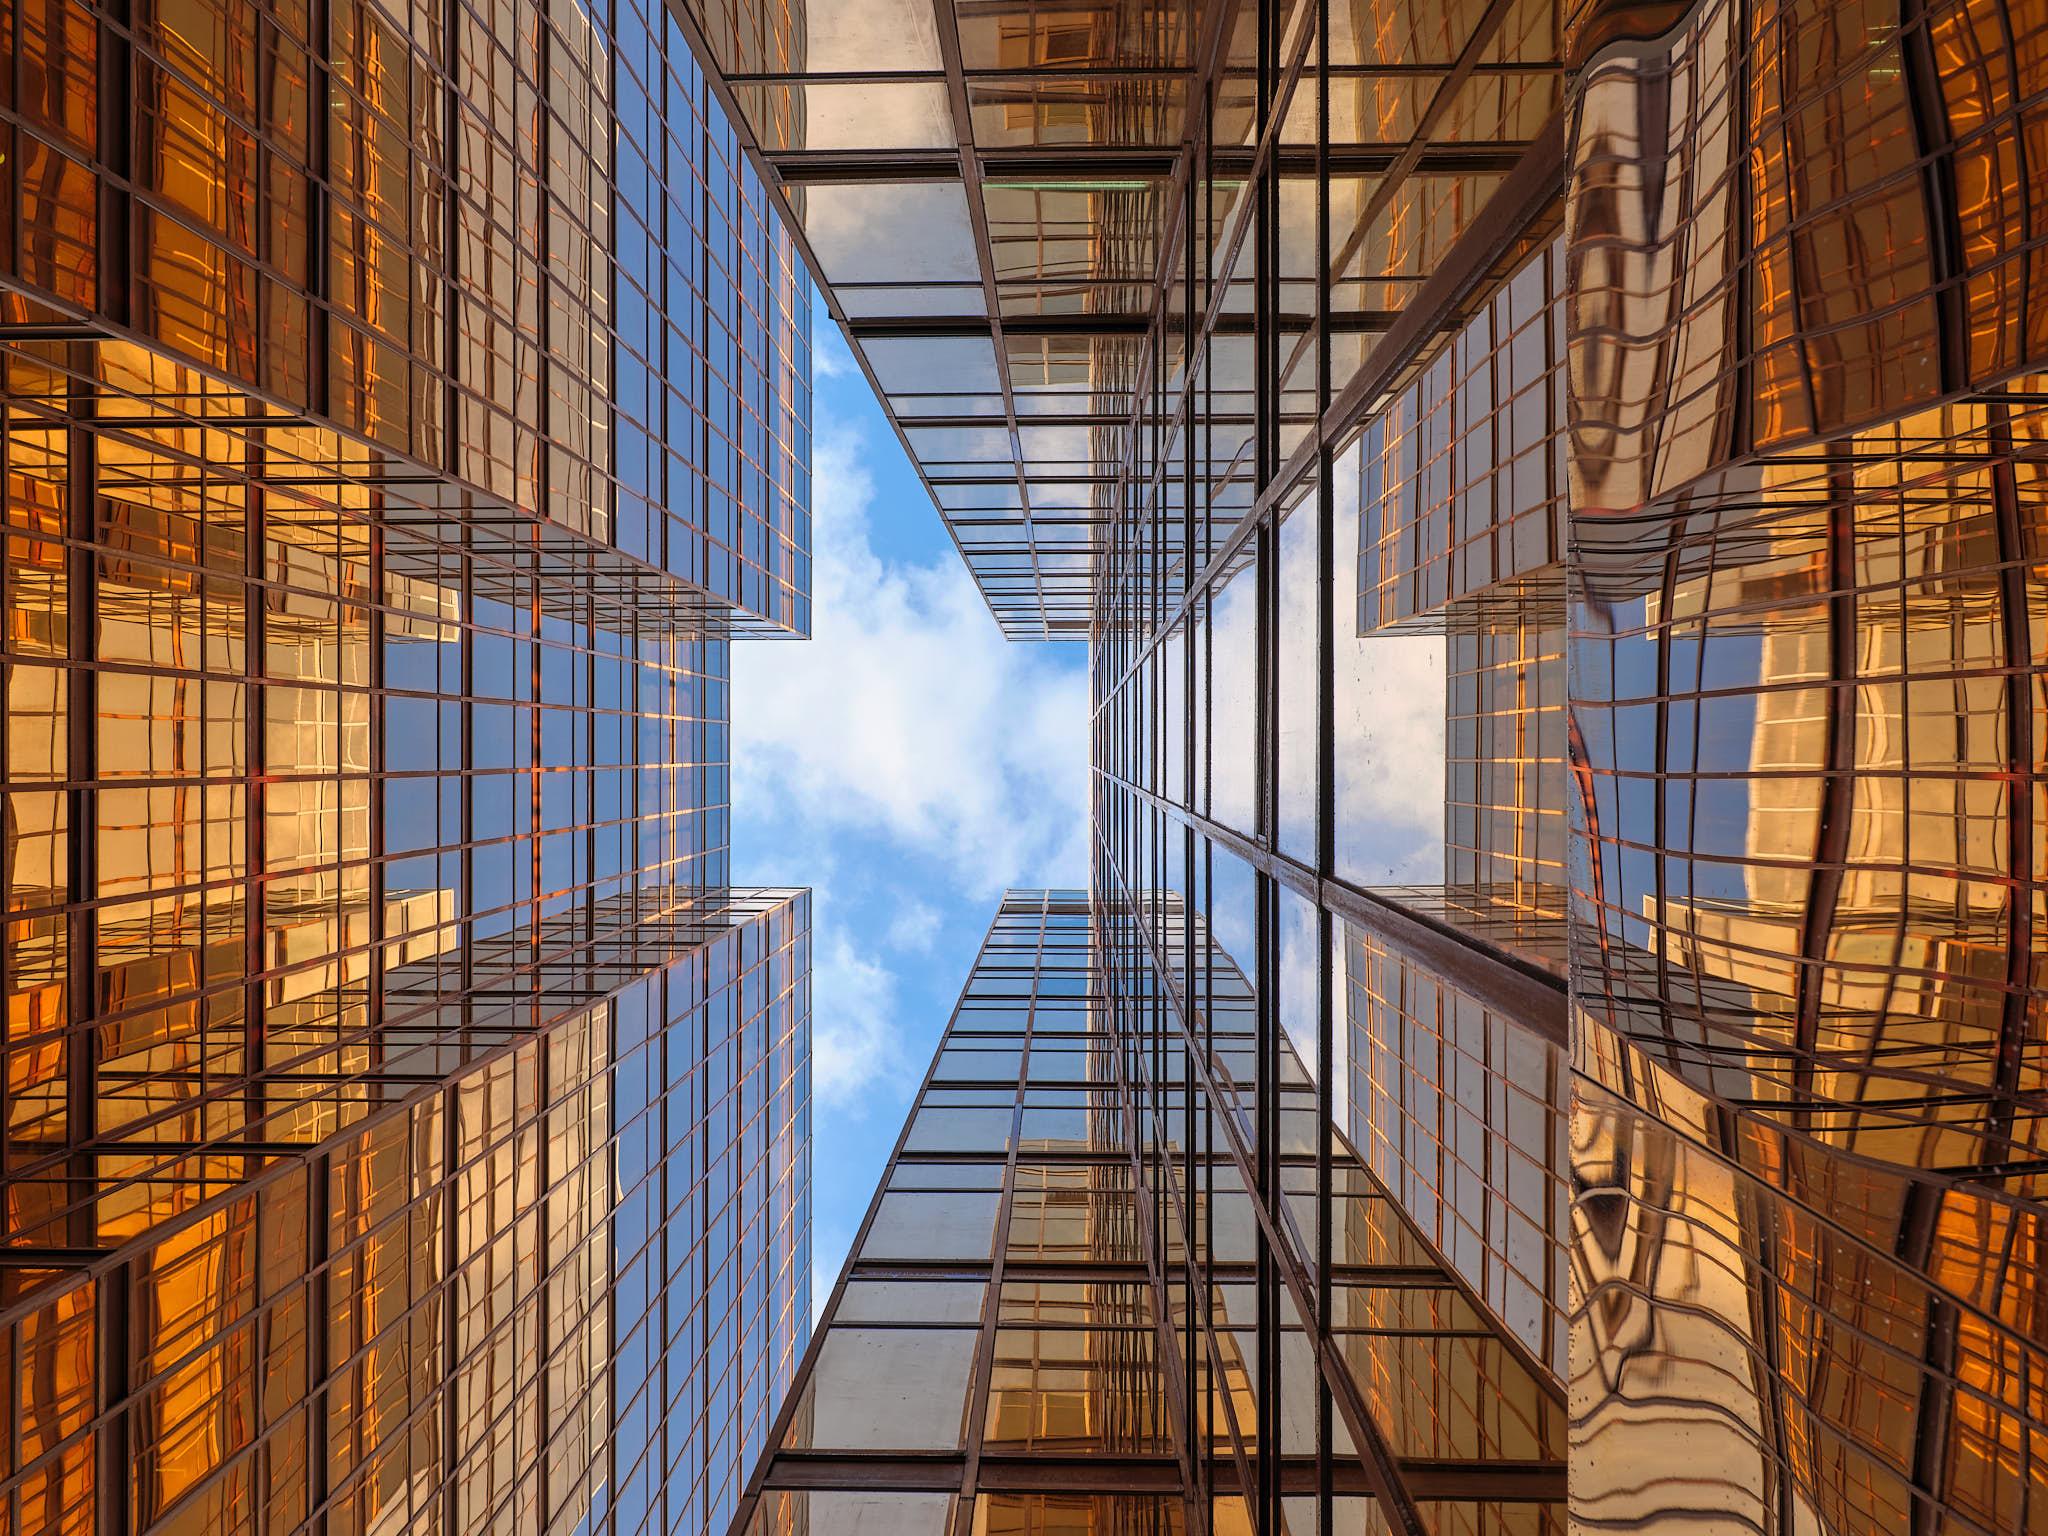 China Hong Kong City Shopping Center Architecture